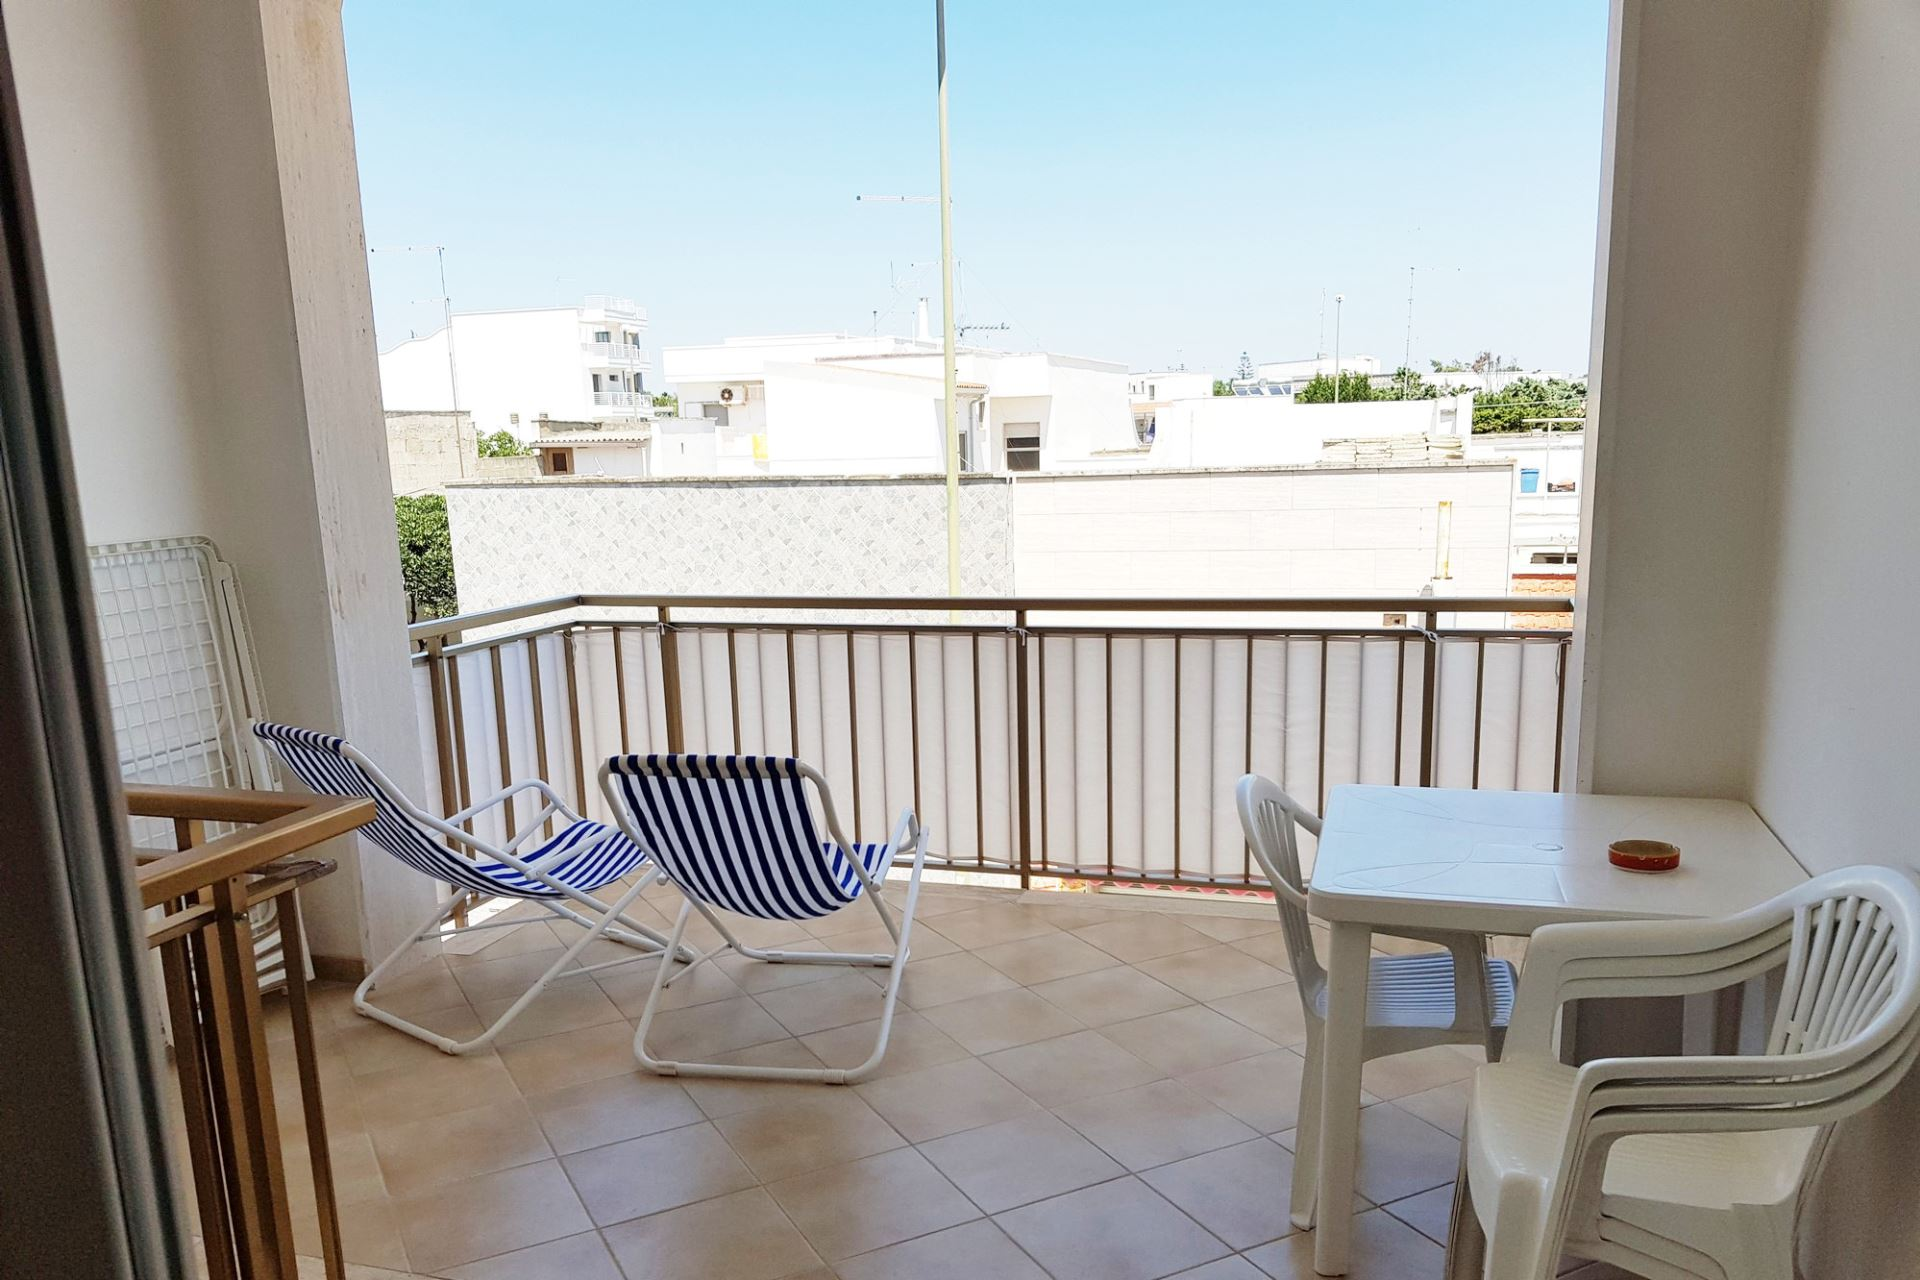 Appartamento Sunny, 150 metri dalla spiaggia bella